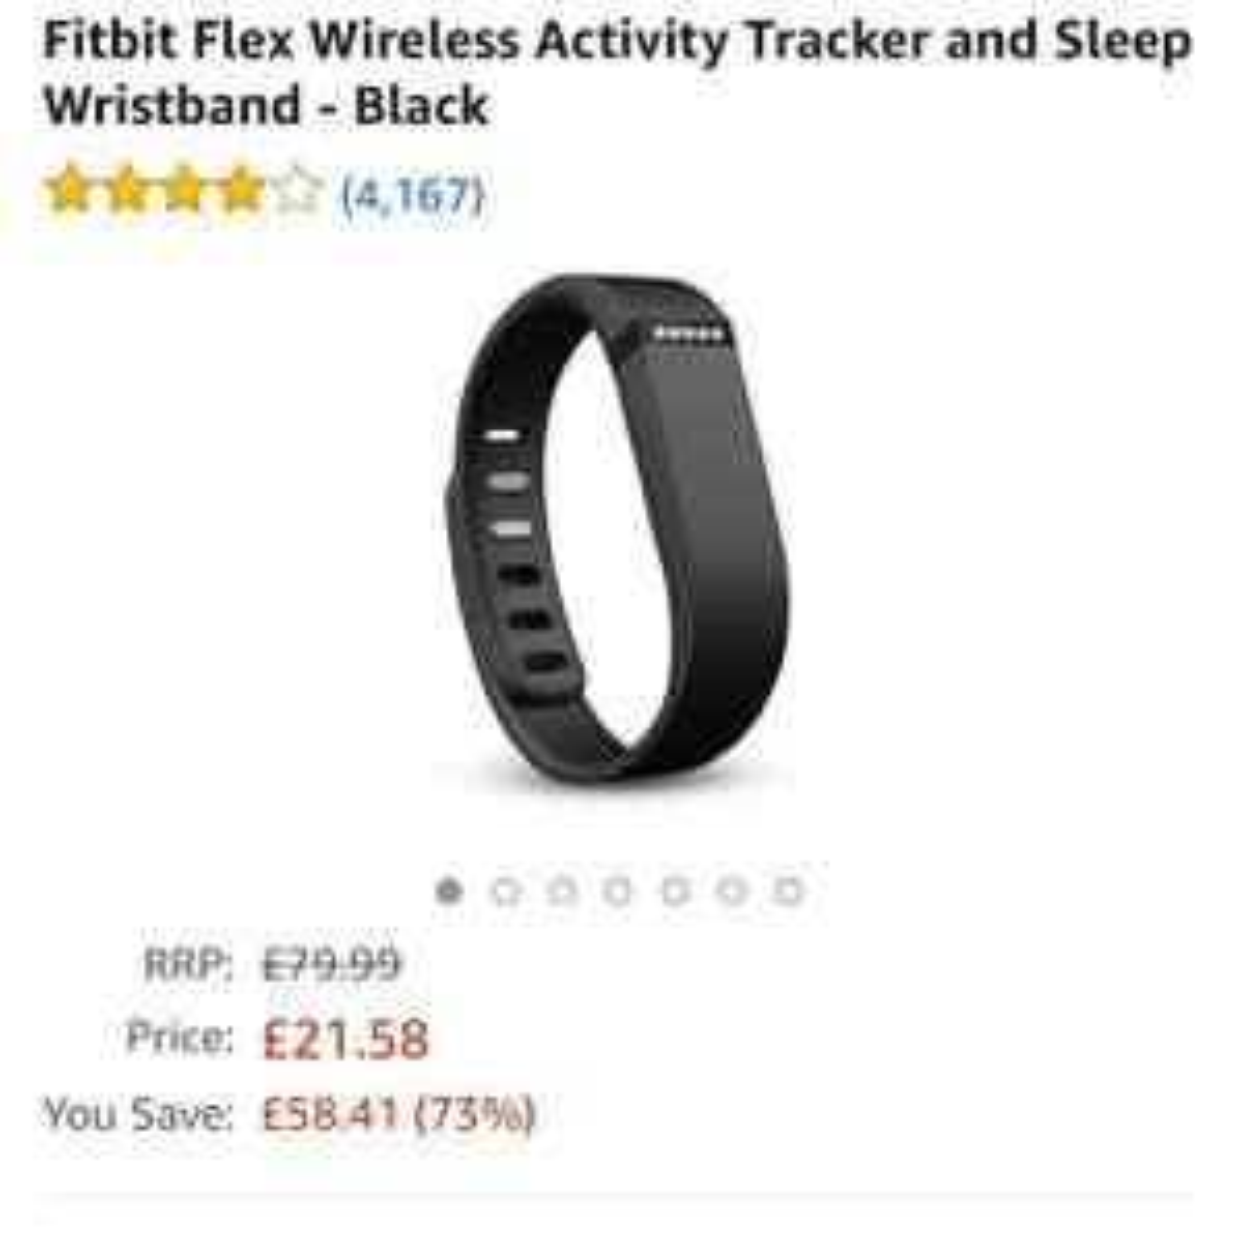 Fitbit Flex (1st gen) - £21.58 on Amazon Prime Now